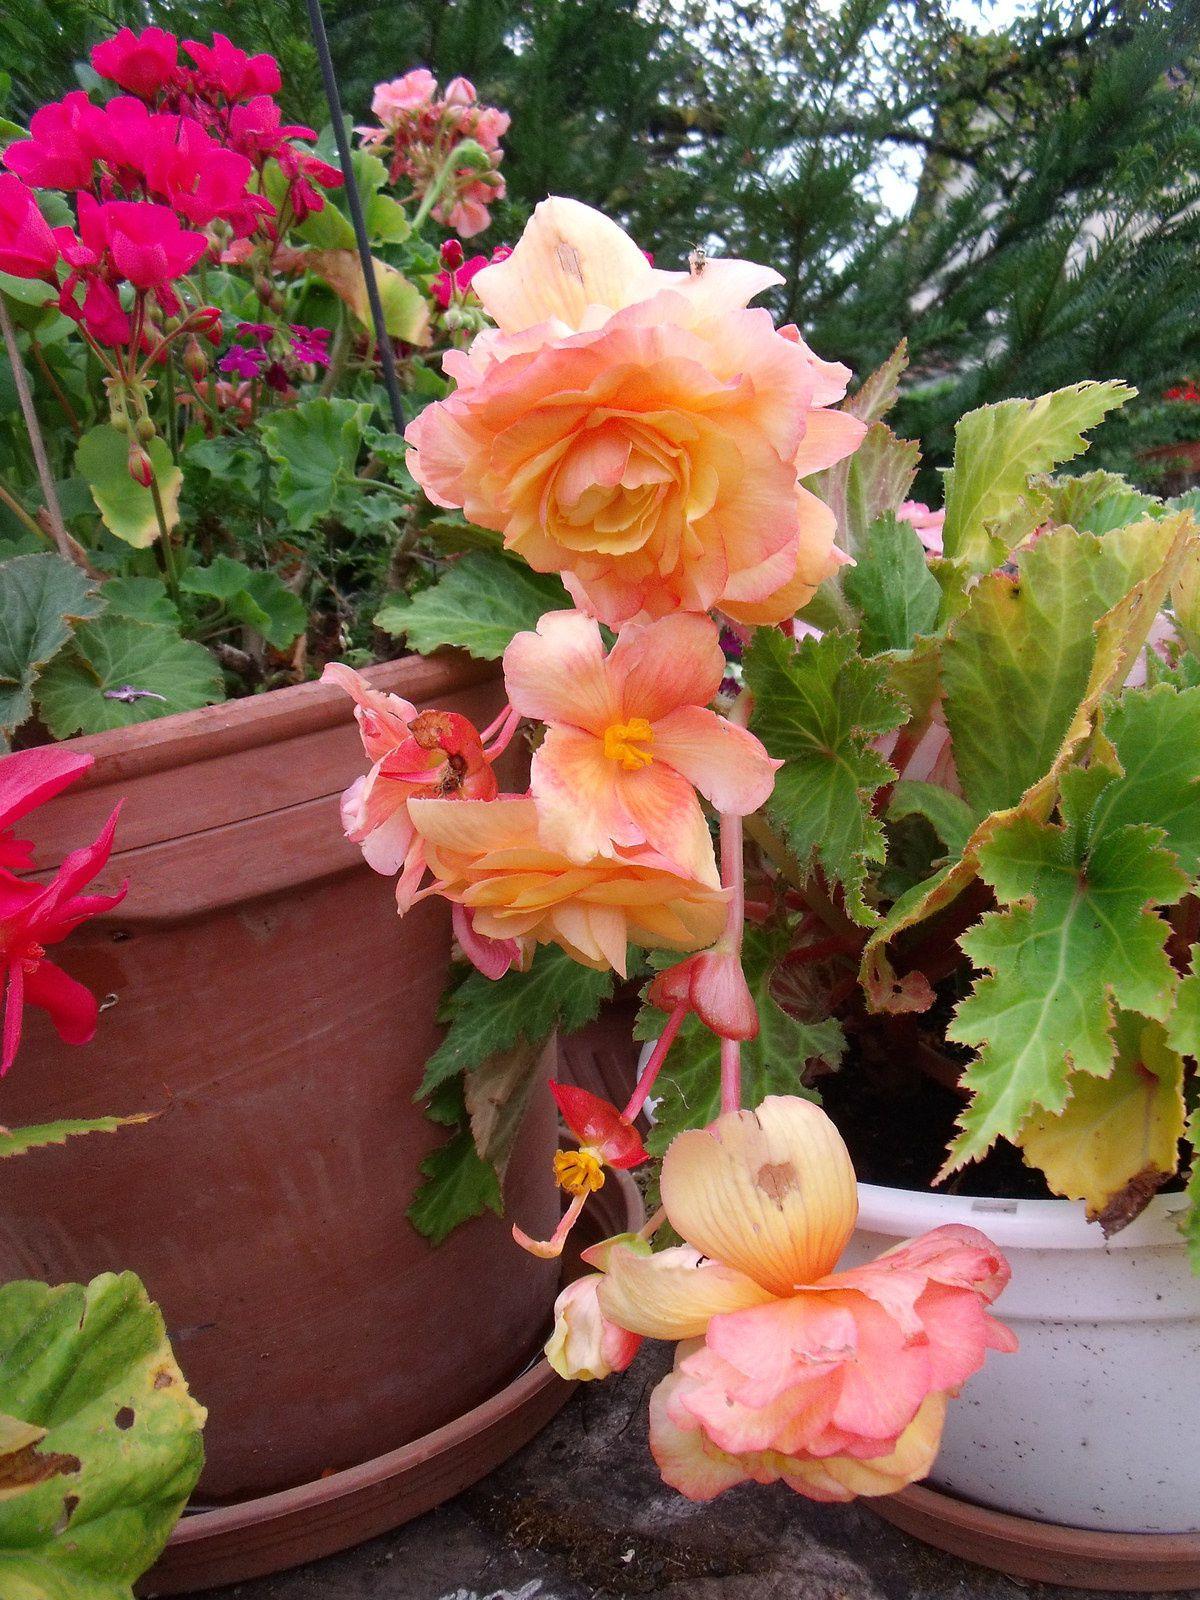 Après quelques orages, les fleurs reprennent vie